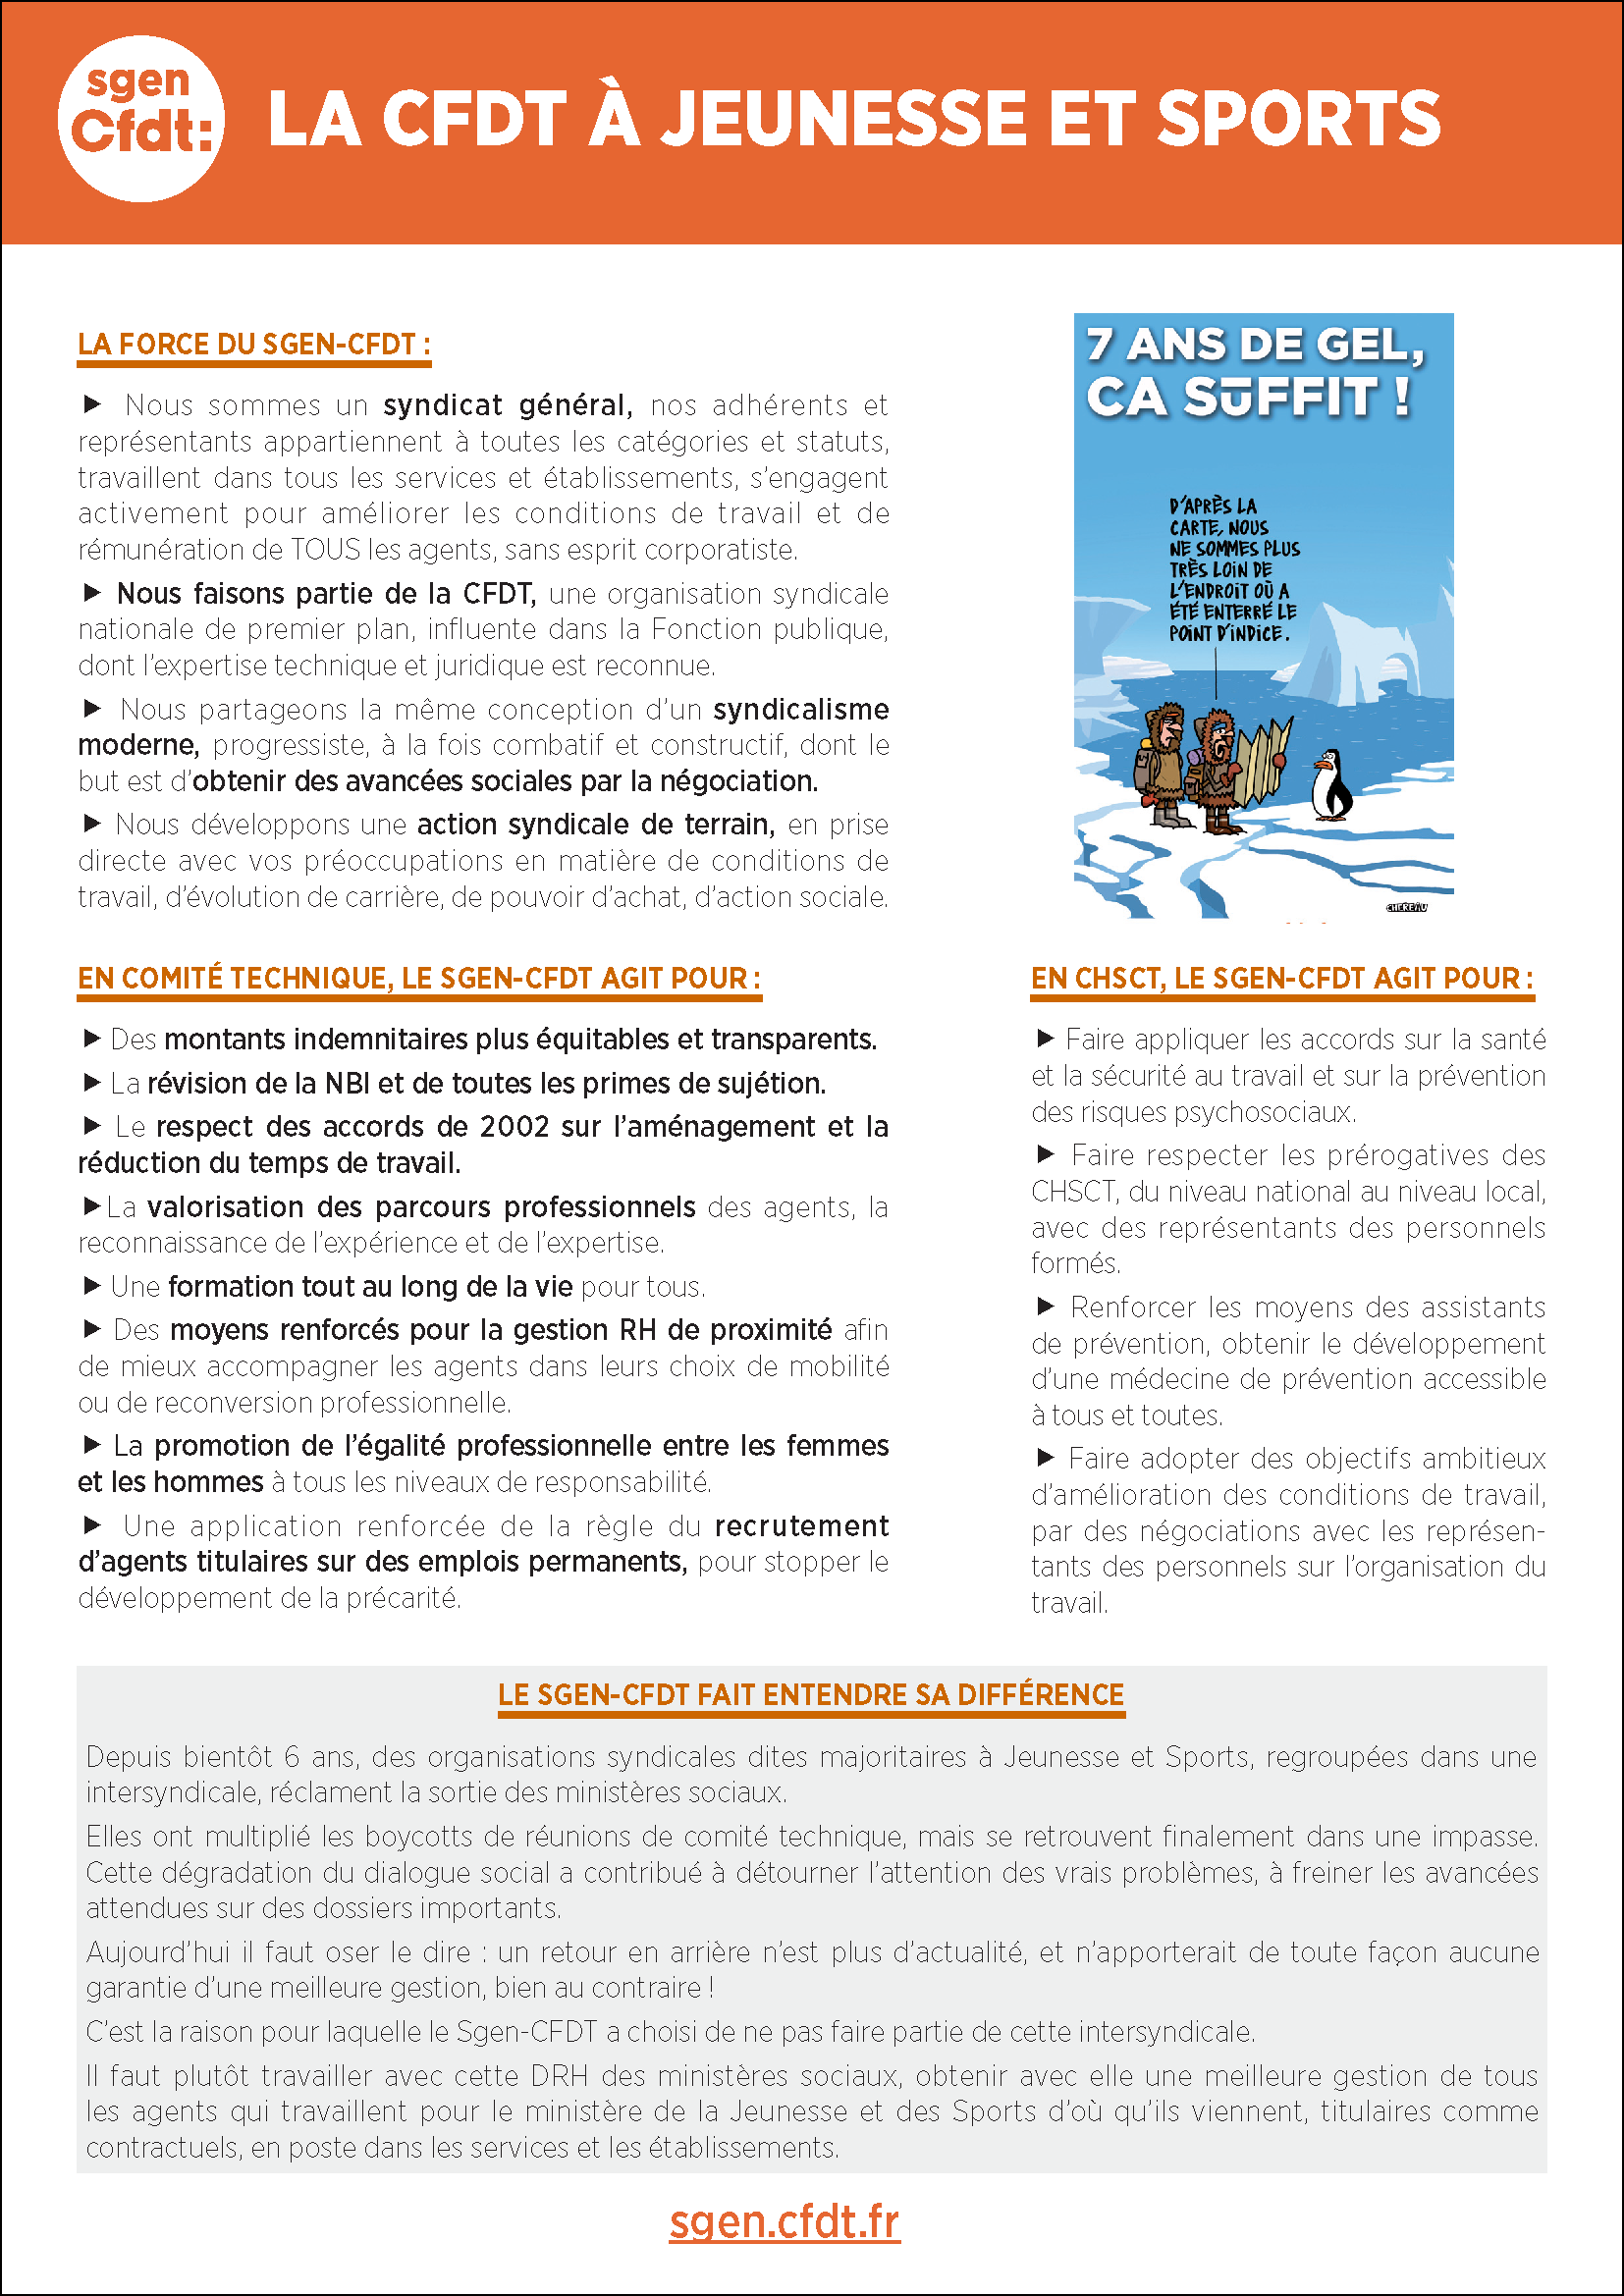 le_sgen-cfdt_a_jeunesse_et_sports